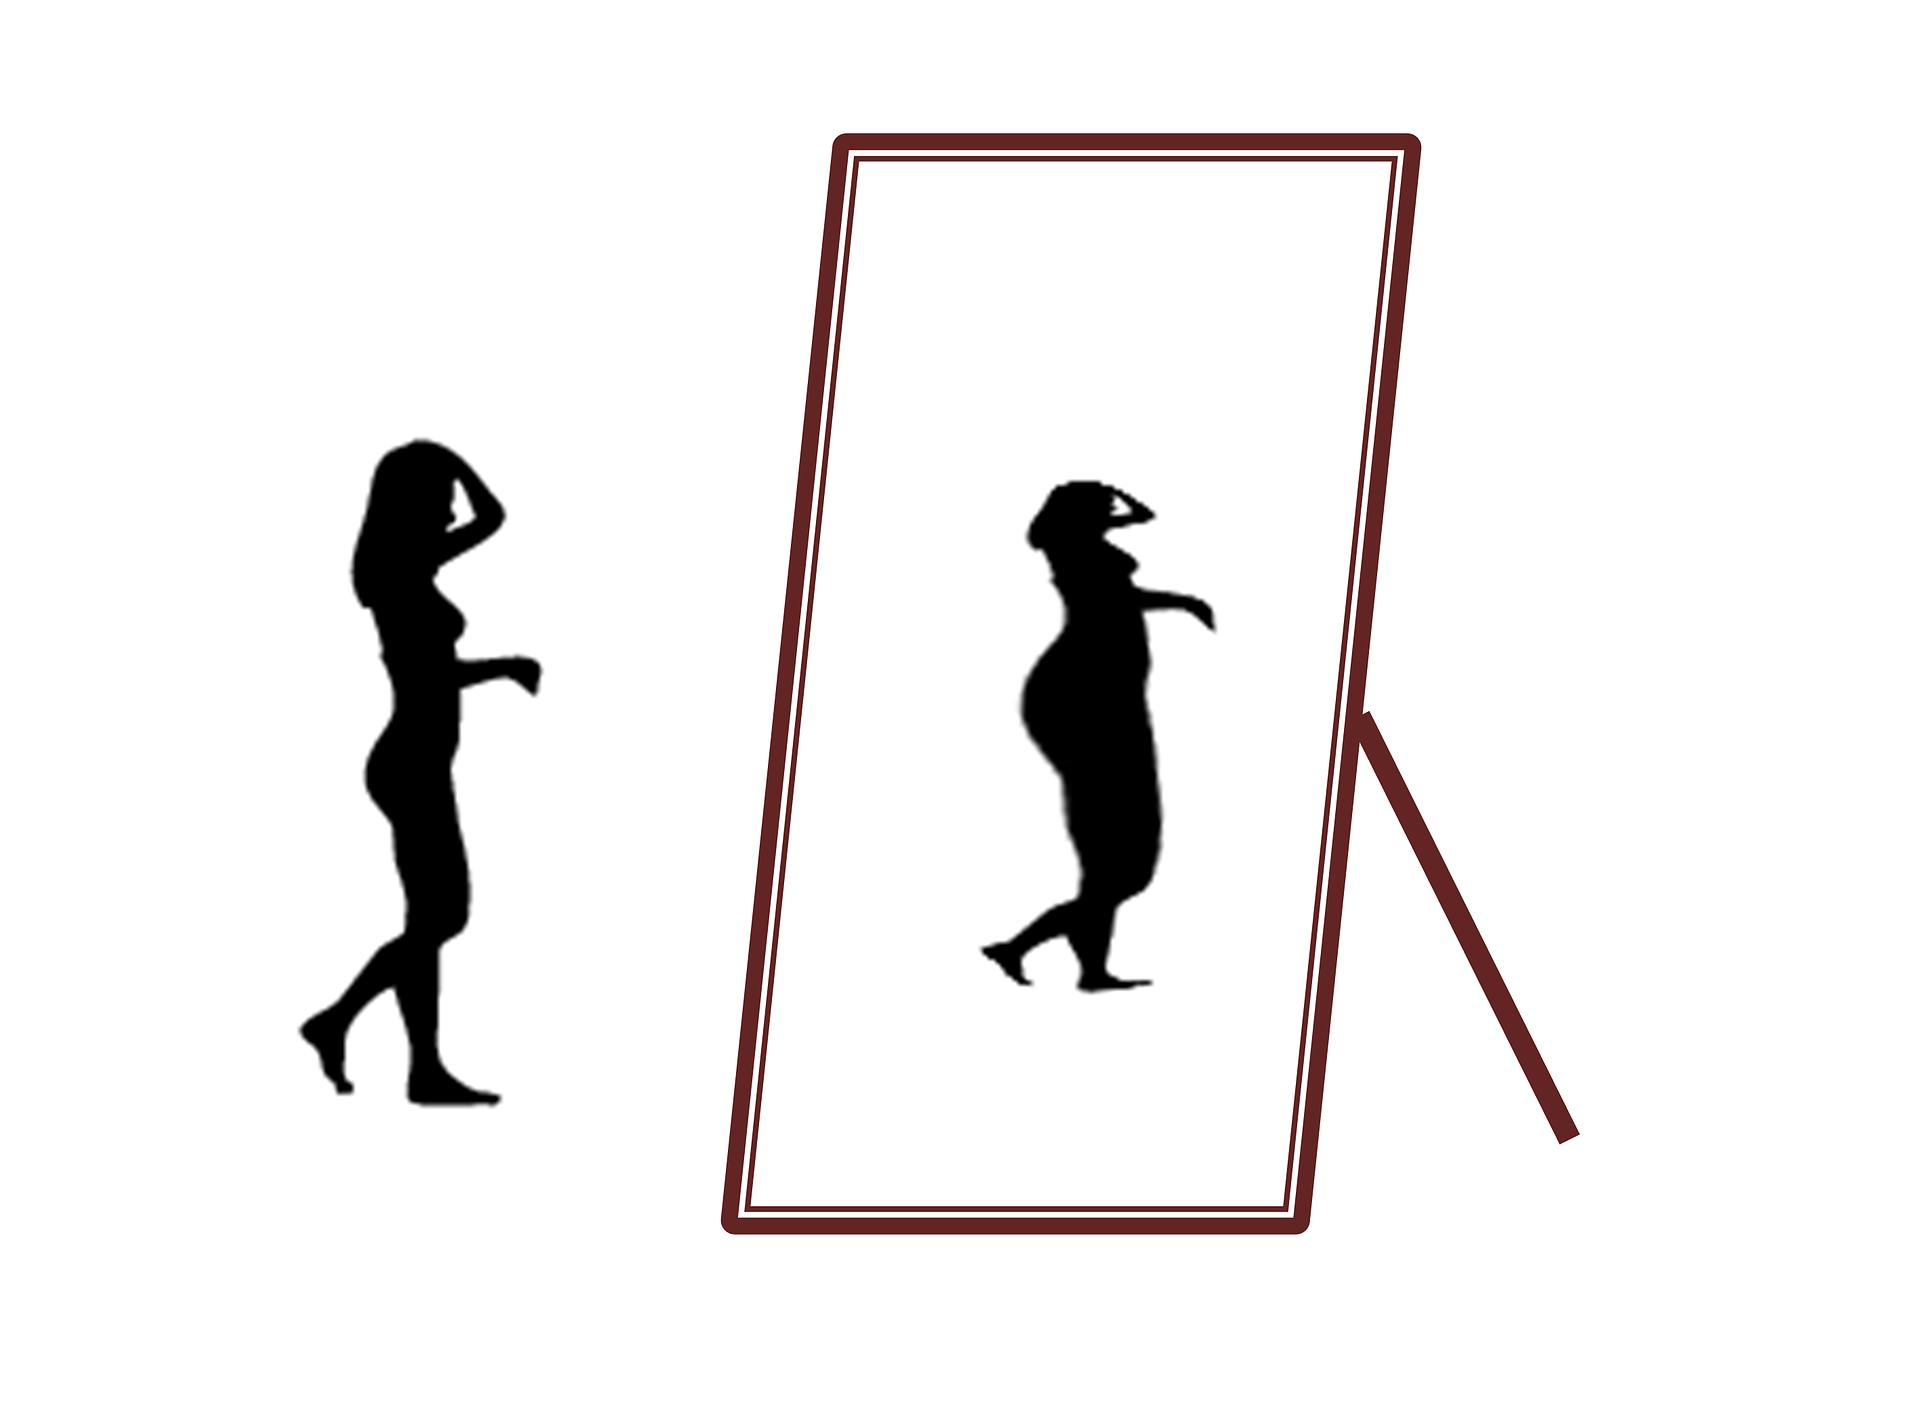 Trastornos de la conducta alimentaria: La anorexia y la bulimia